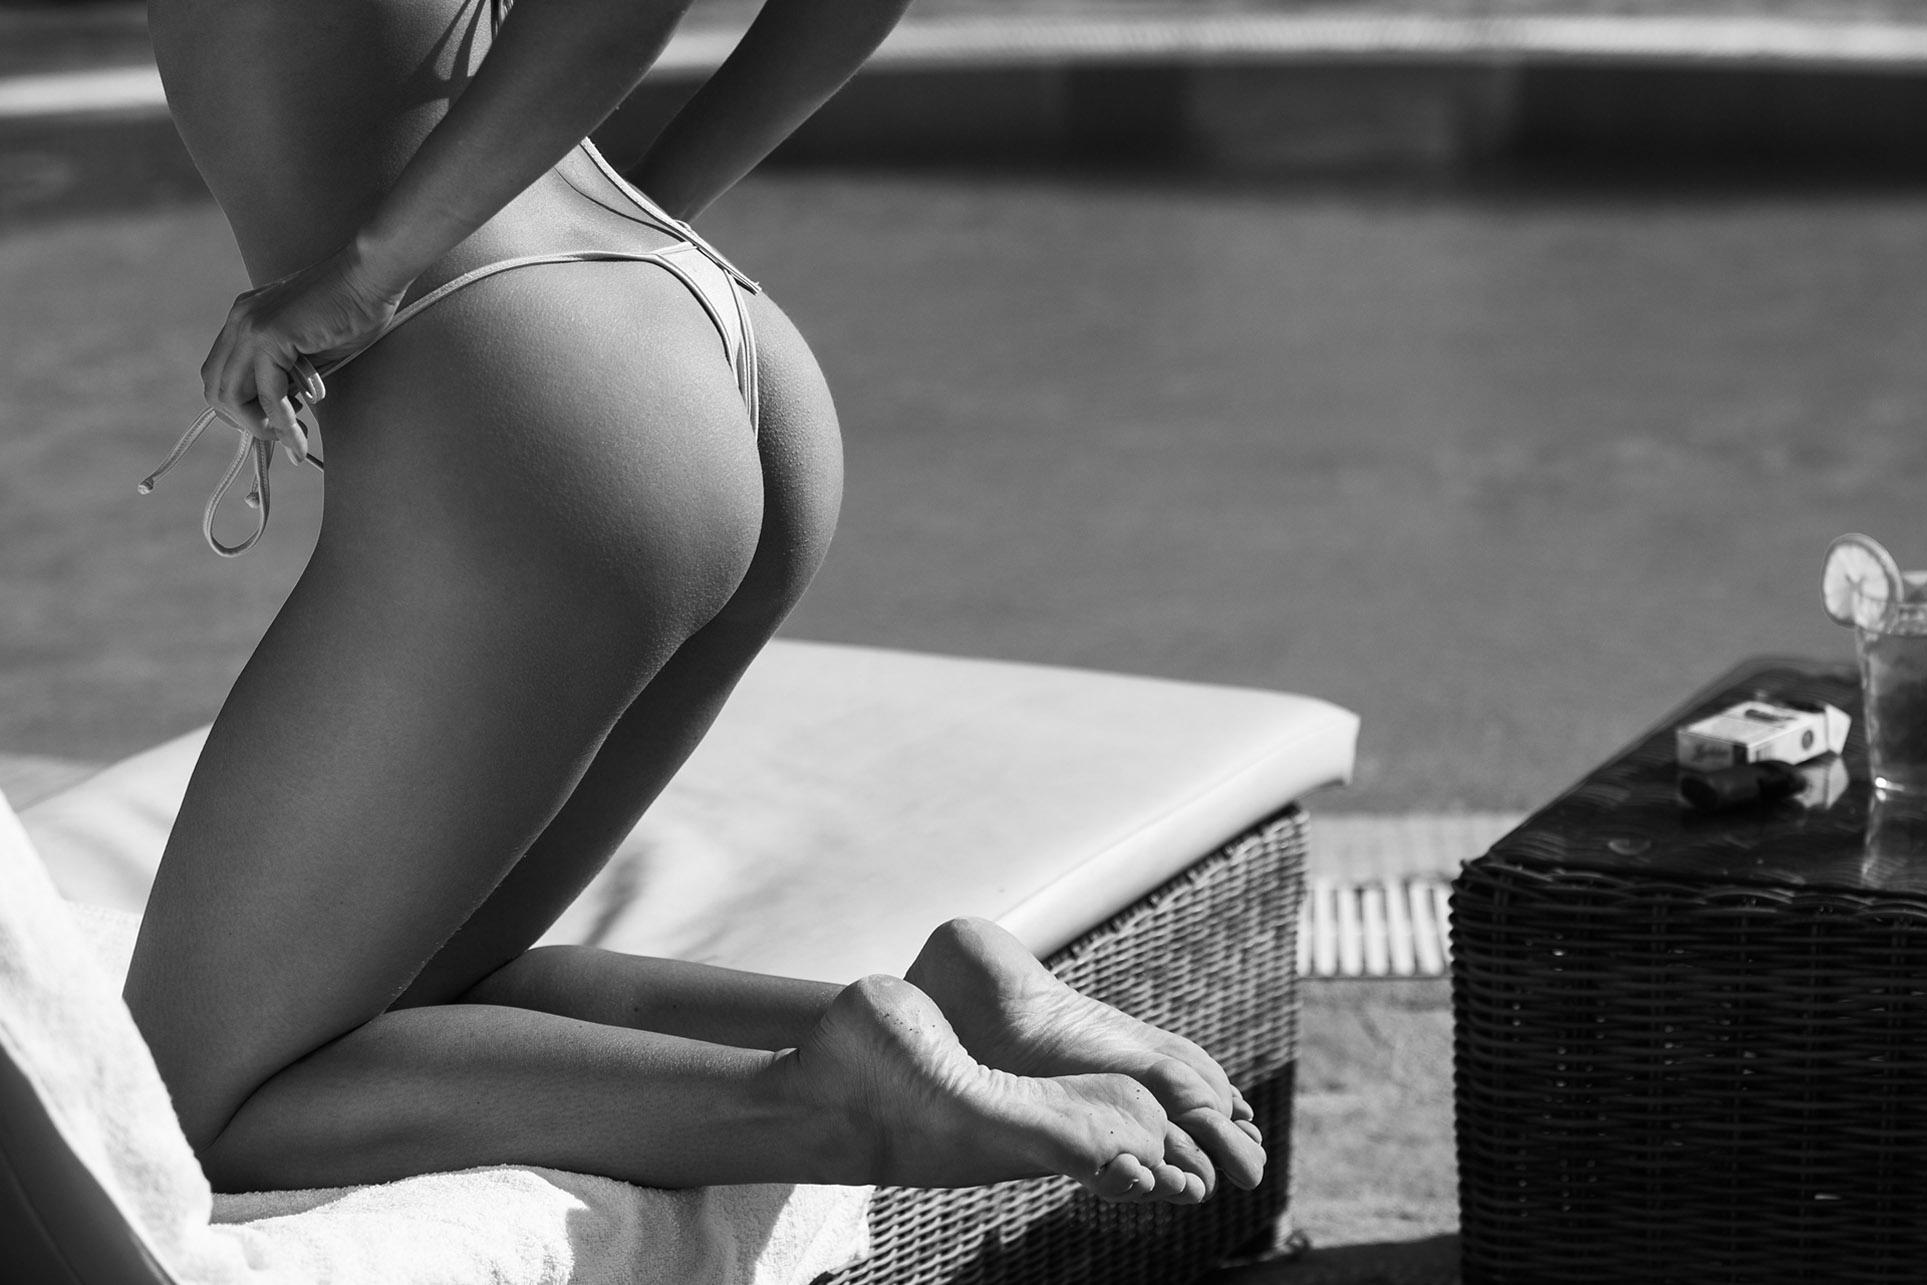 сексуальная обнаженная девушка отдыхает у бассейна / фото 10